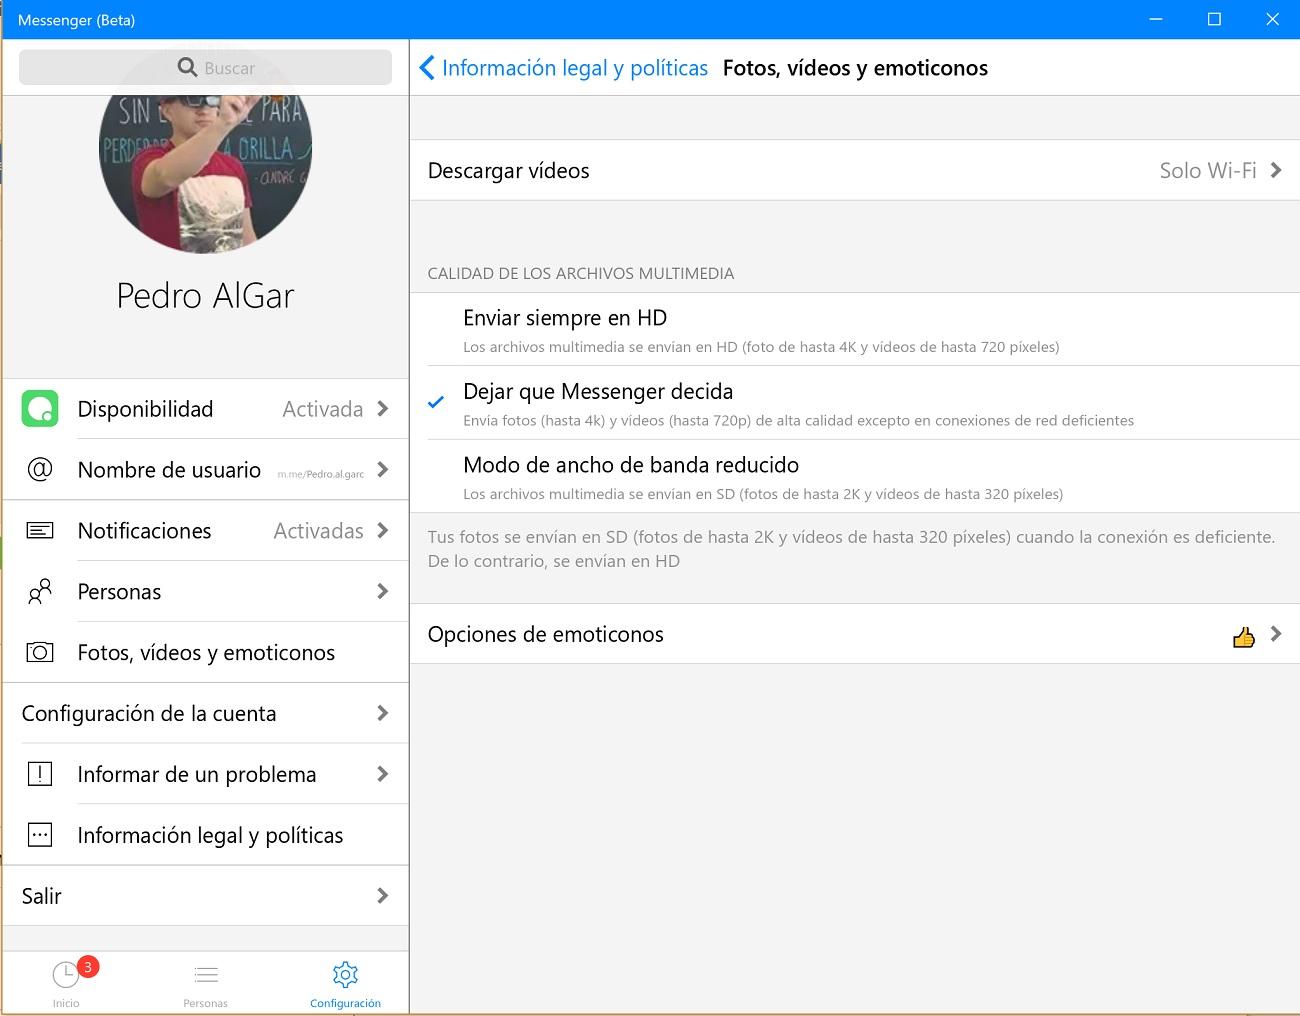 Messenger Beta para Windows 10 se actualiza con envío multimedia 4K y otras novedades